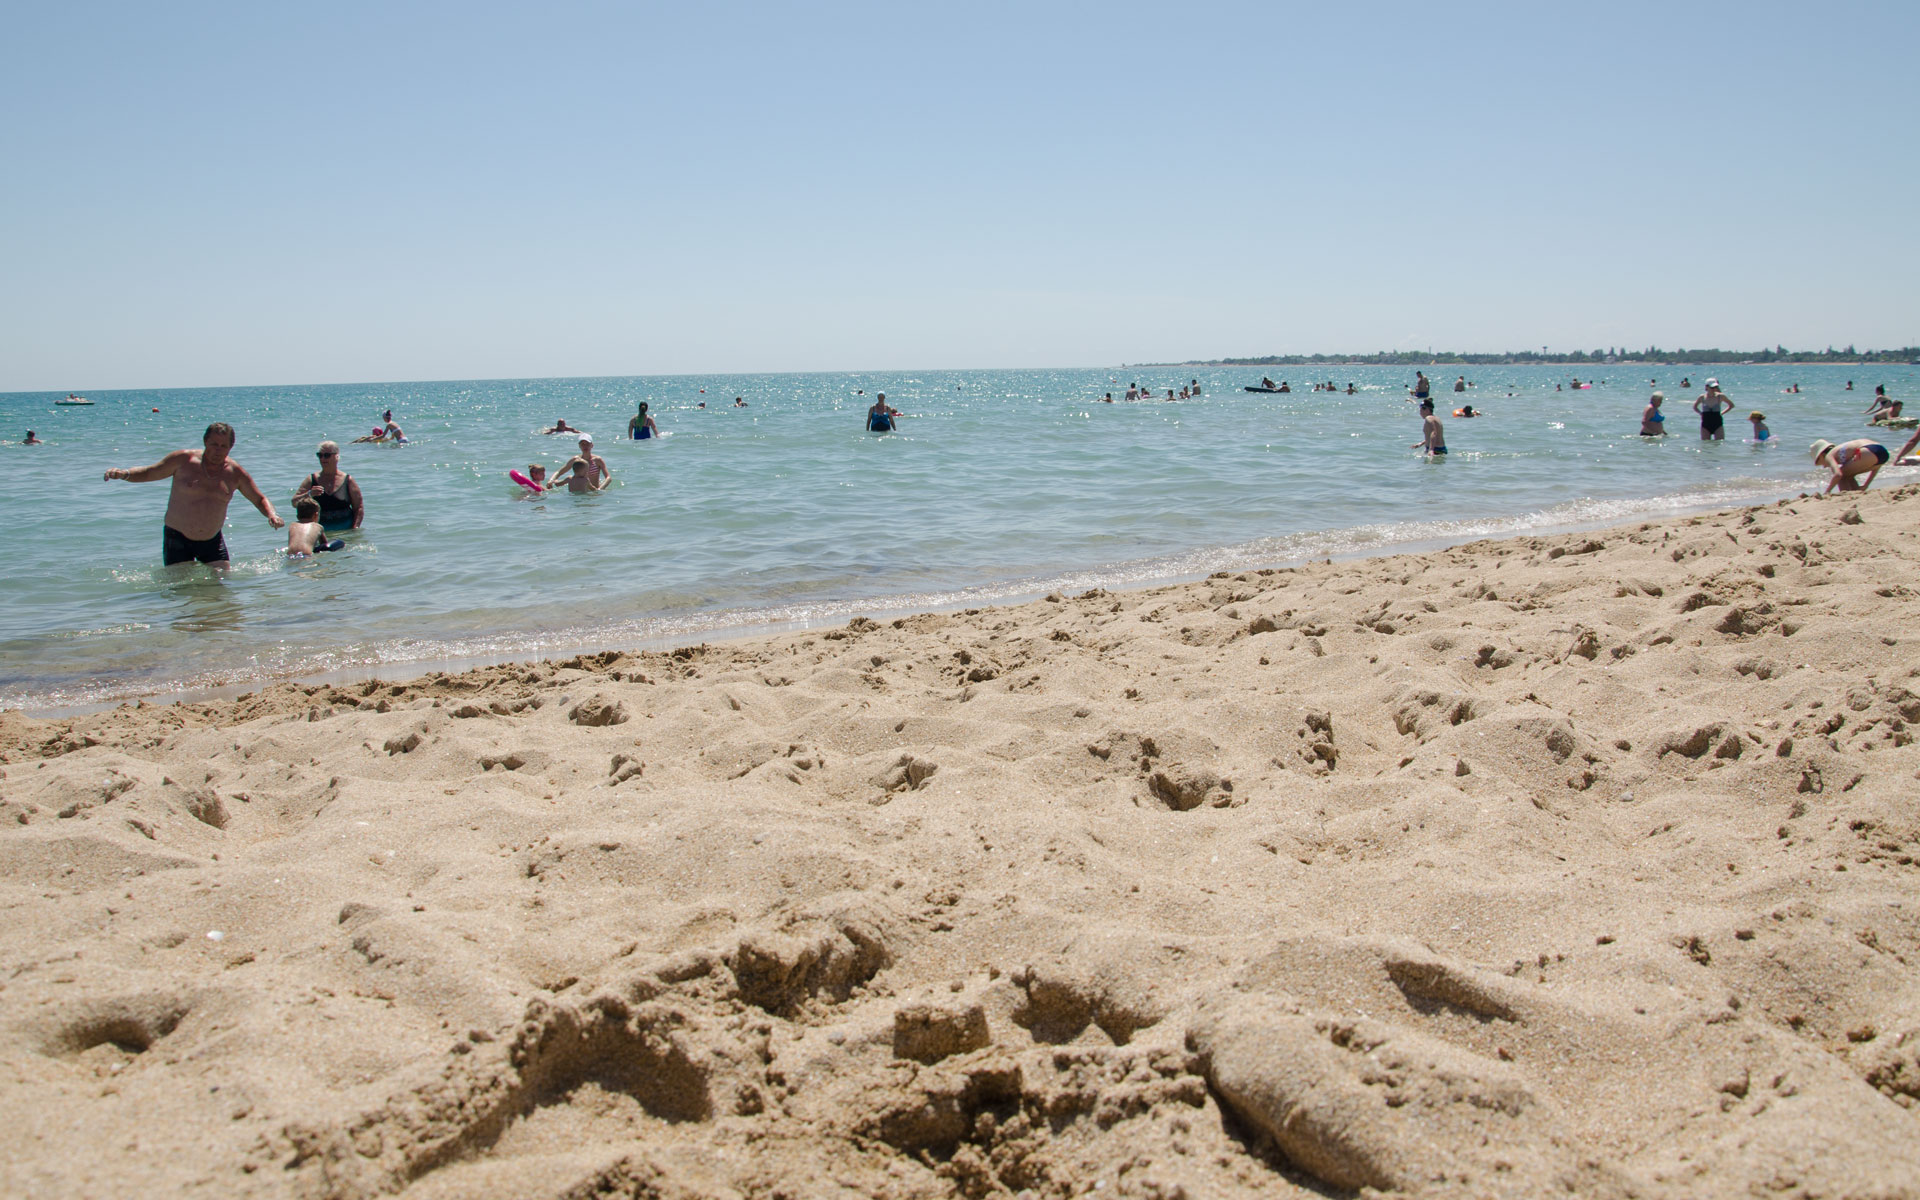 Чистый песок, чистое море. Евпатория 2019. Фото Евпатории